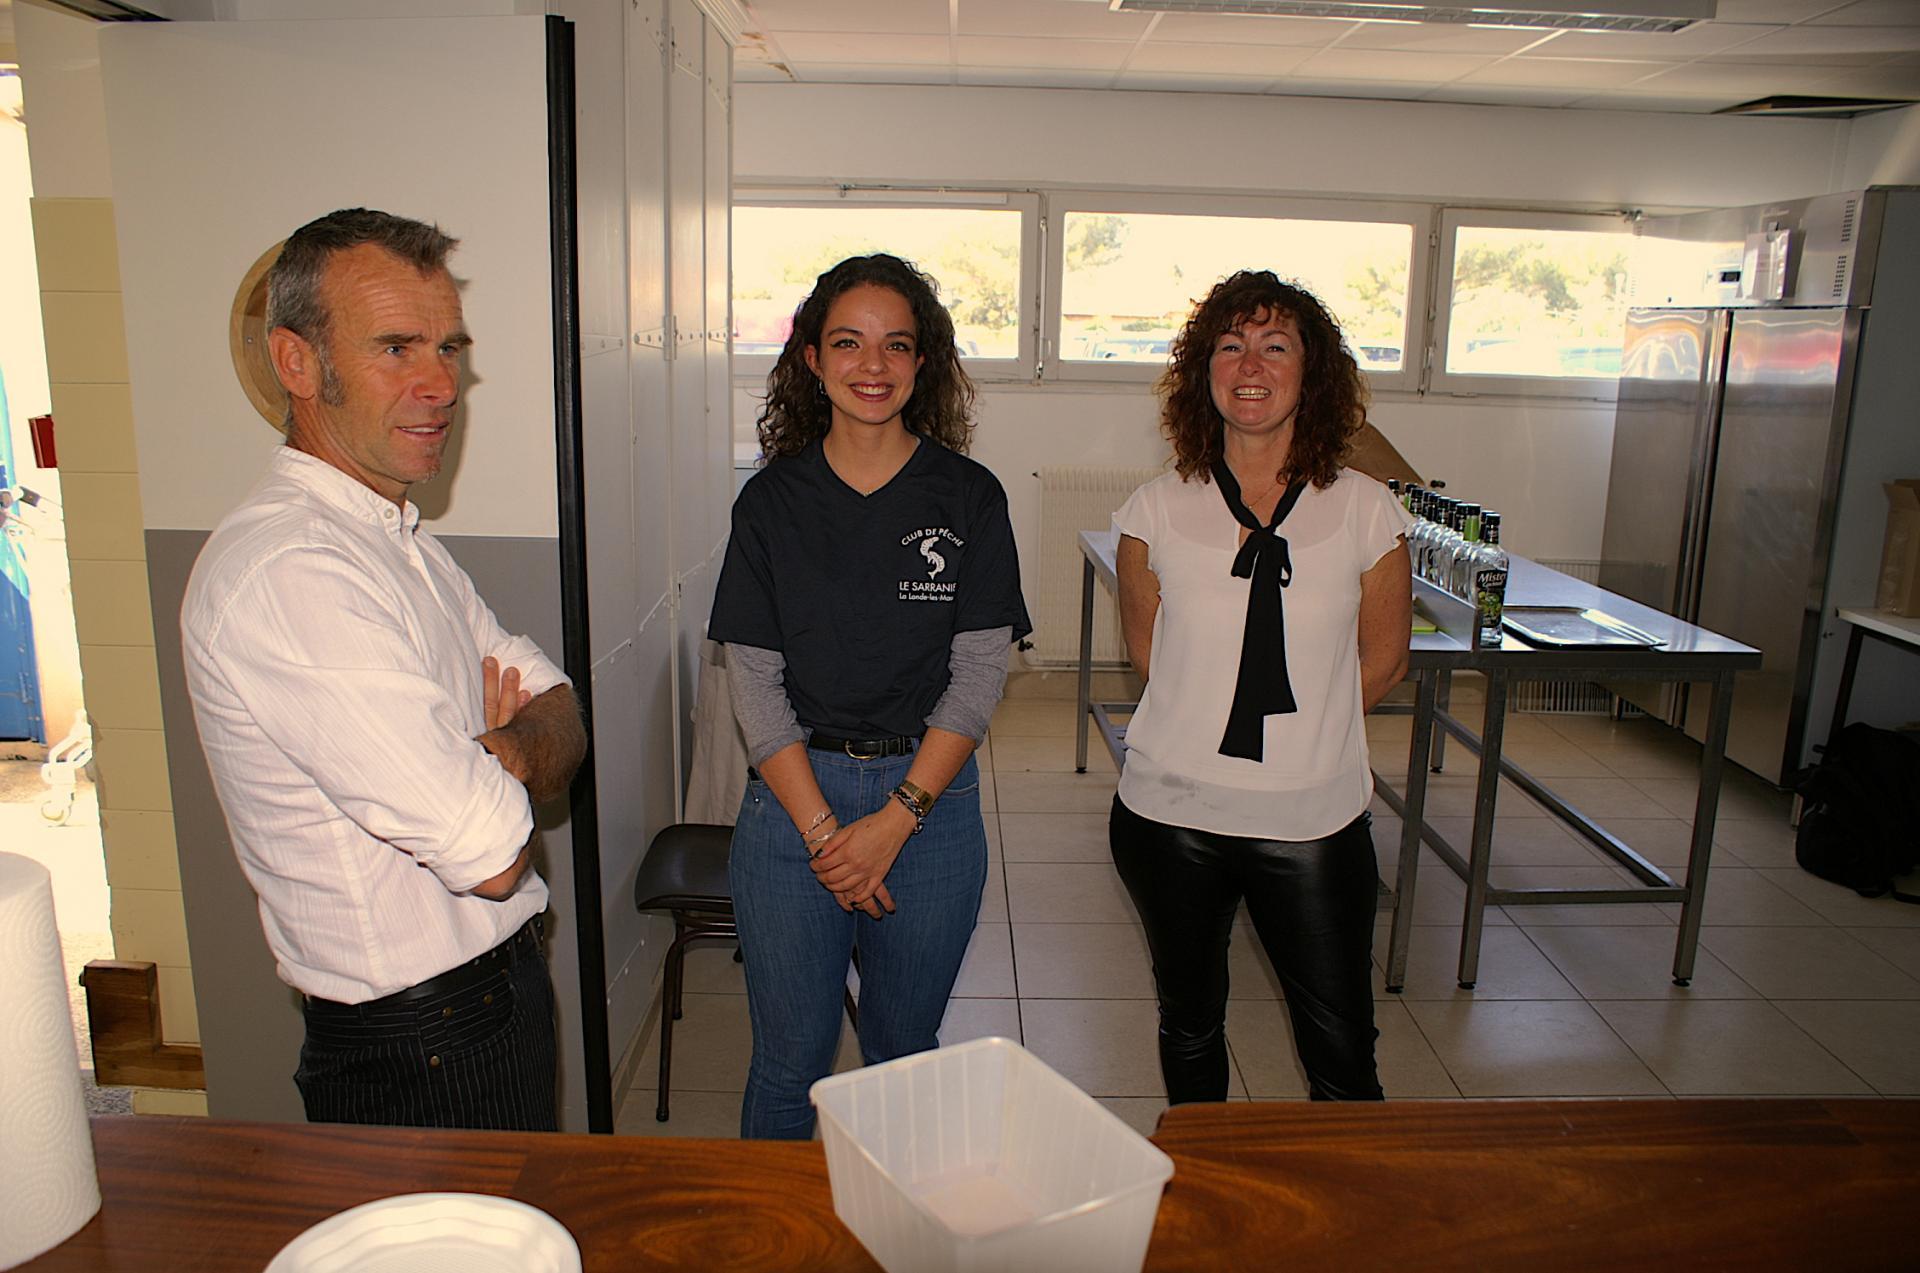 Chloé et l équipe de service nous gratifie d un beau sourire